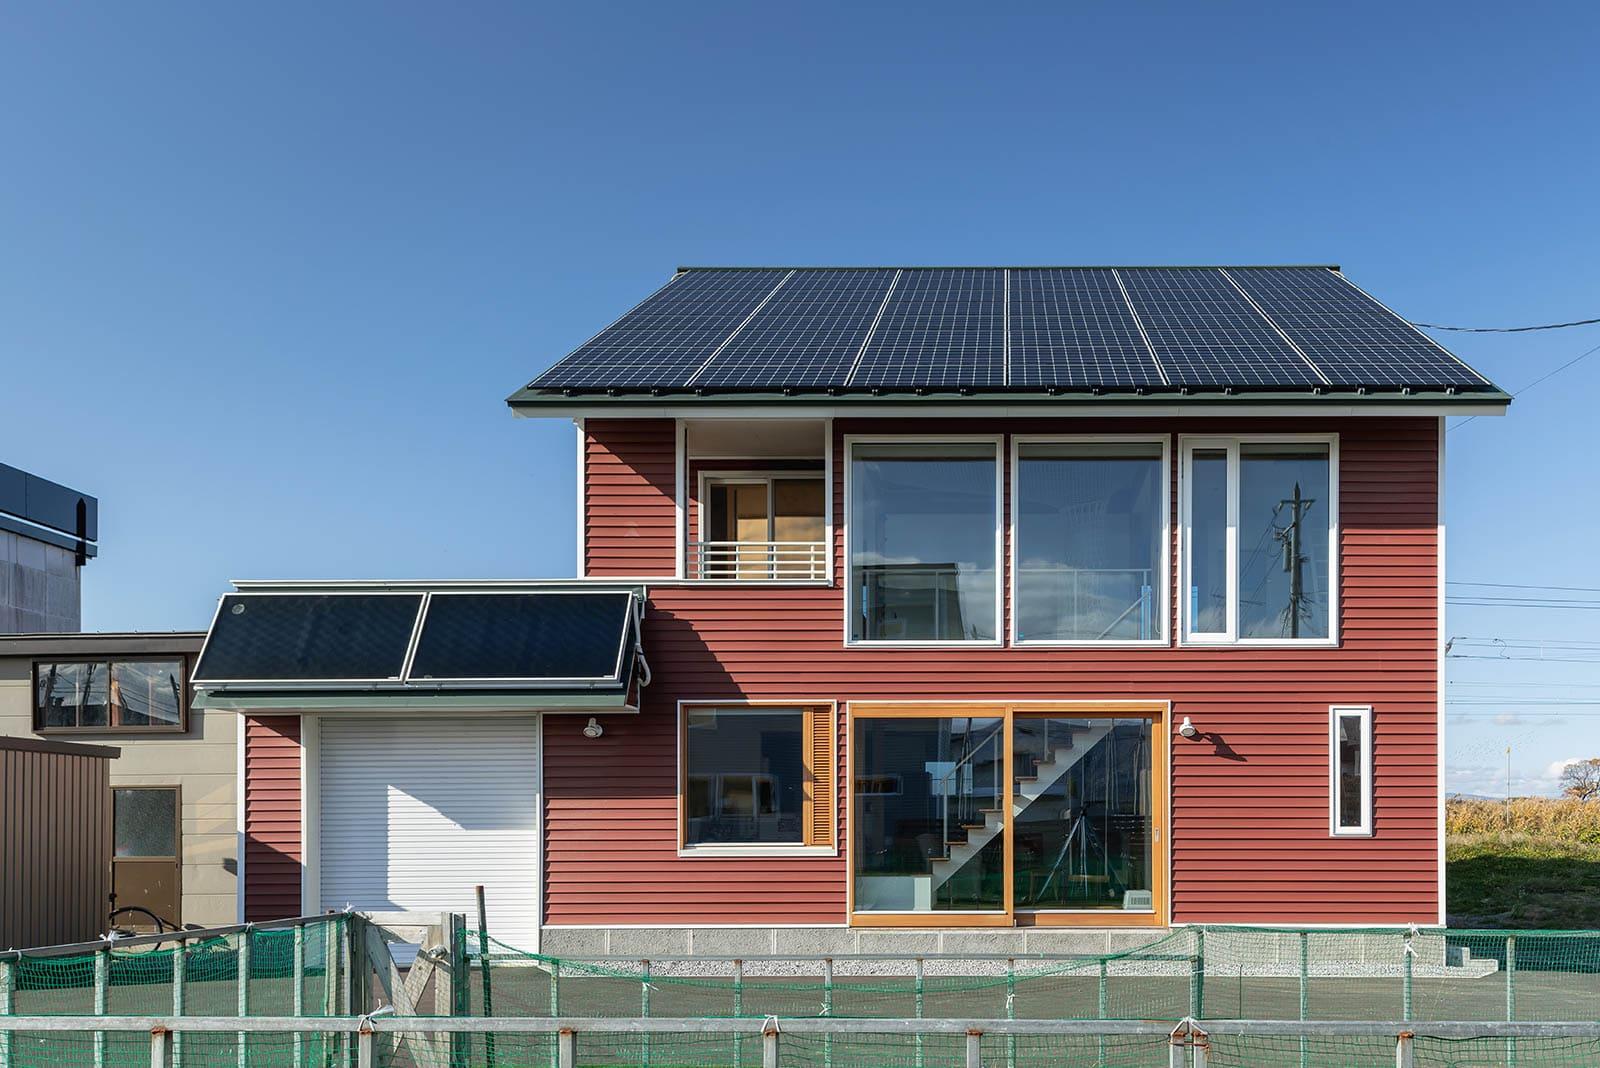 太陽光発電パネルを設置した、大きな開口を持つ片流れ屋根の家。1・2階の大きな開口部と吹き抜けのおかげで室内はいつでも明るい